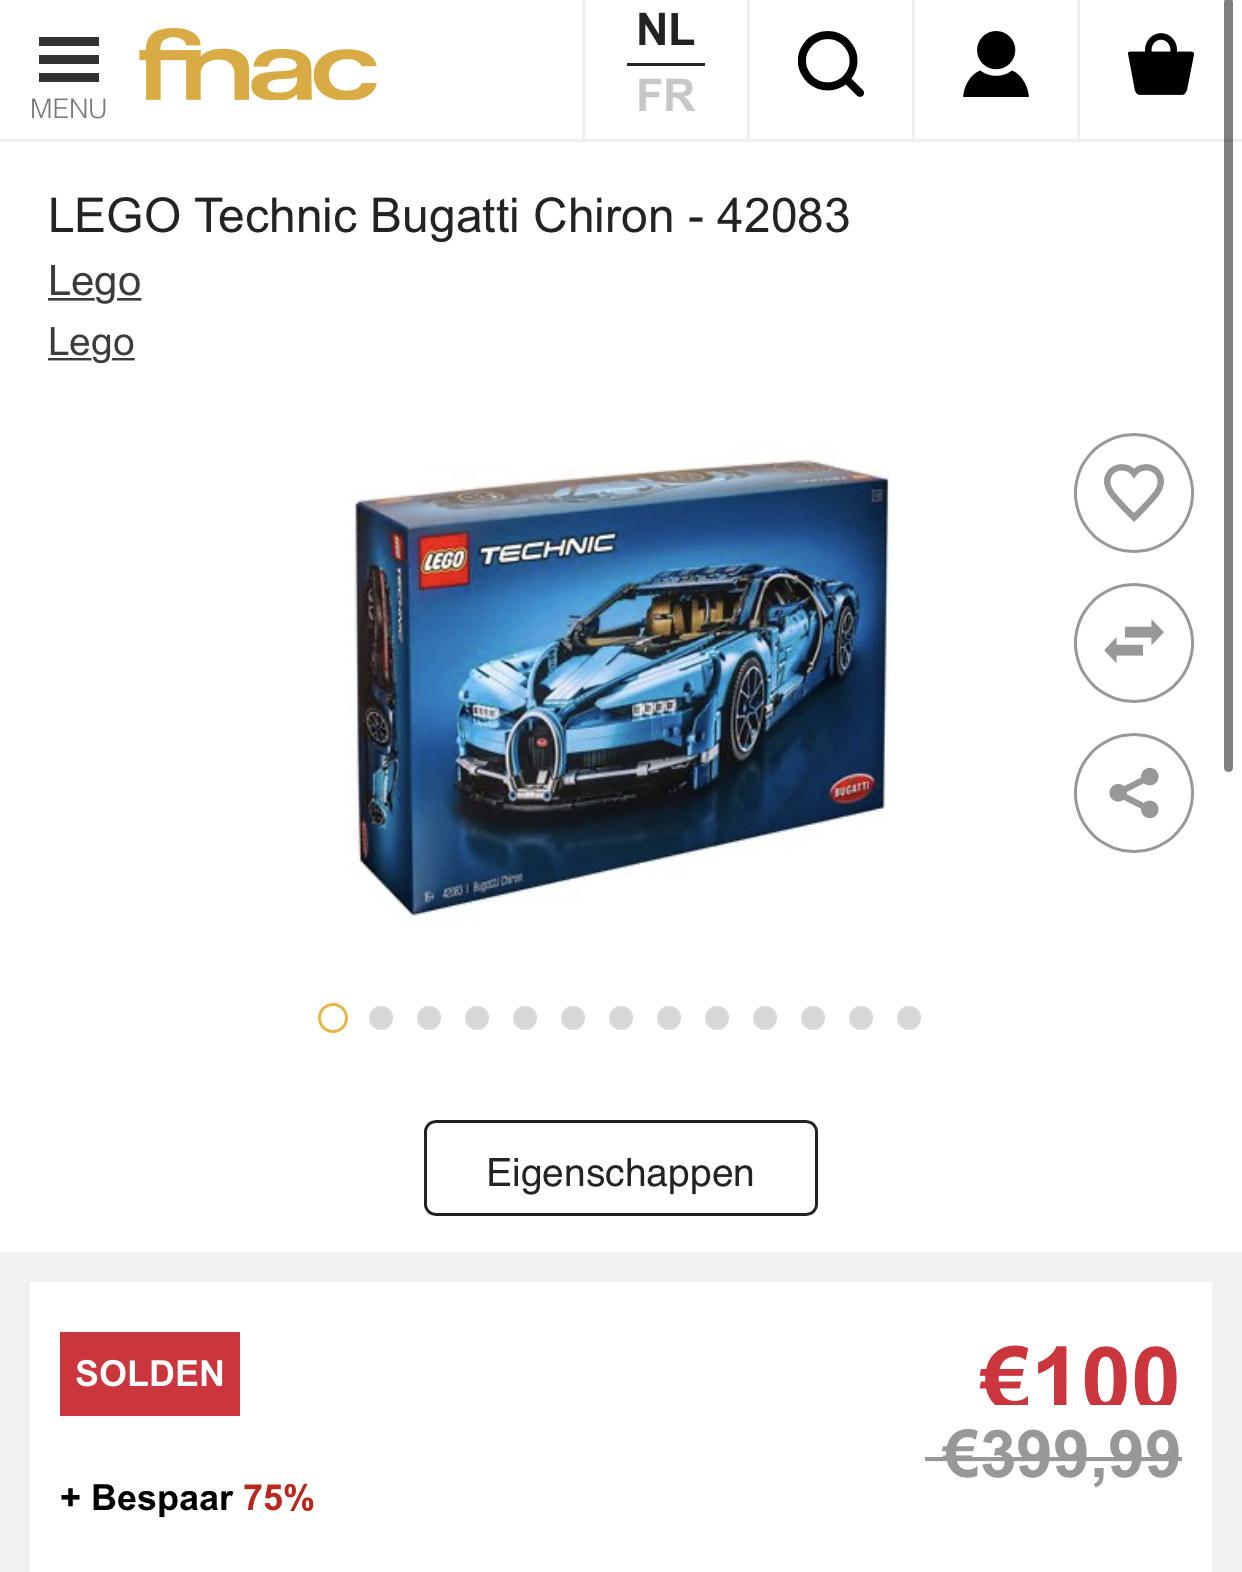 Vette prijsfout! Lego Bugatti Chiron voor 100 euro!